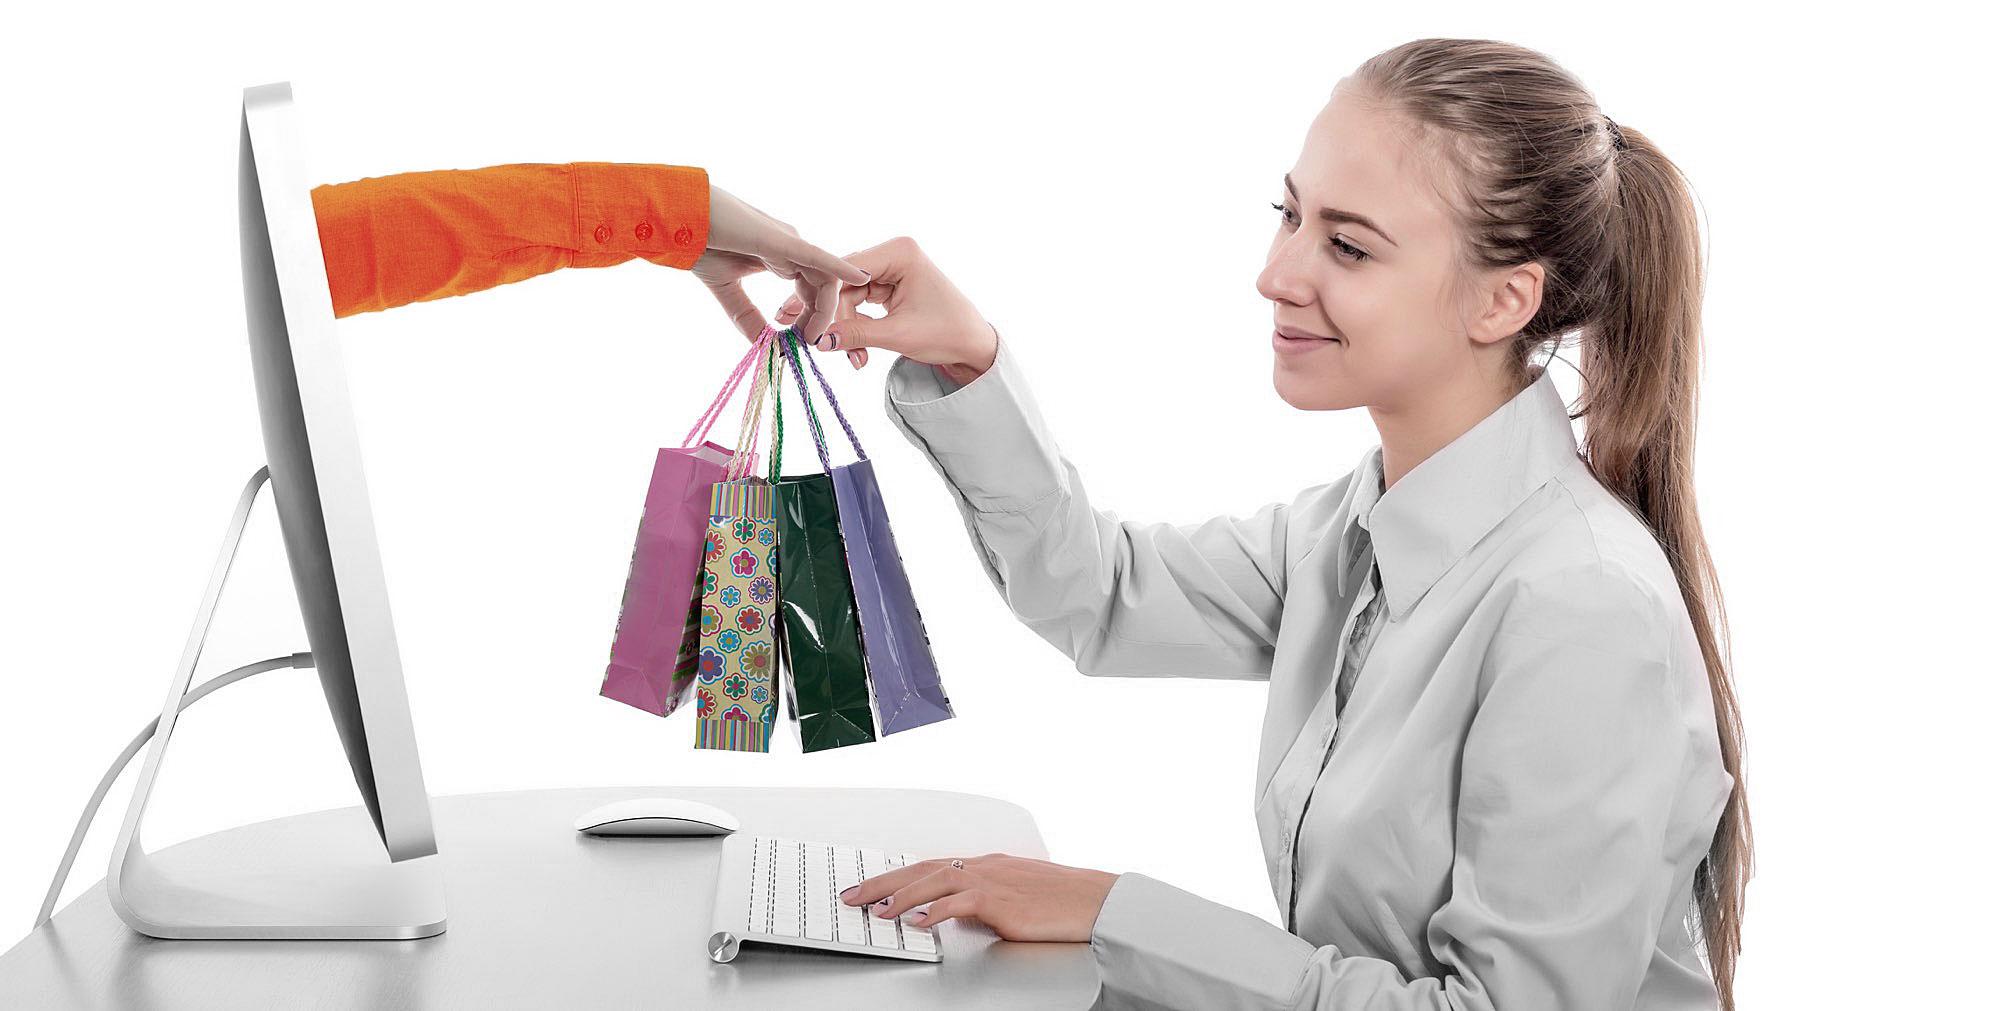 הלקוח שלך יחזור אל סל הקניות